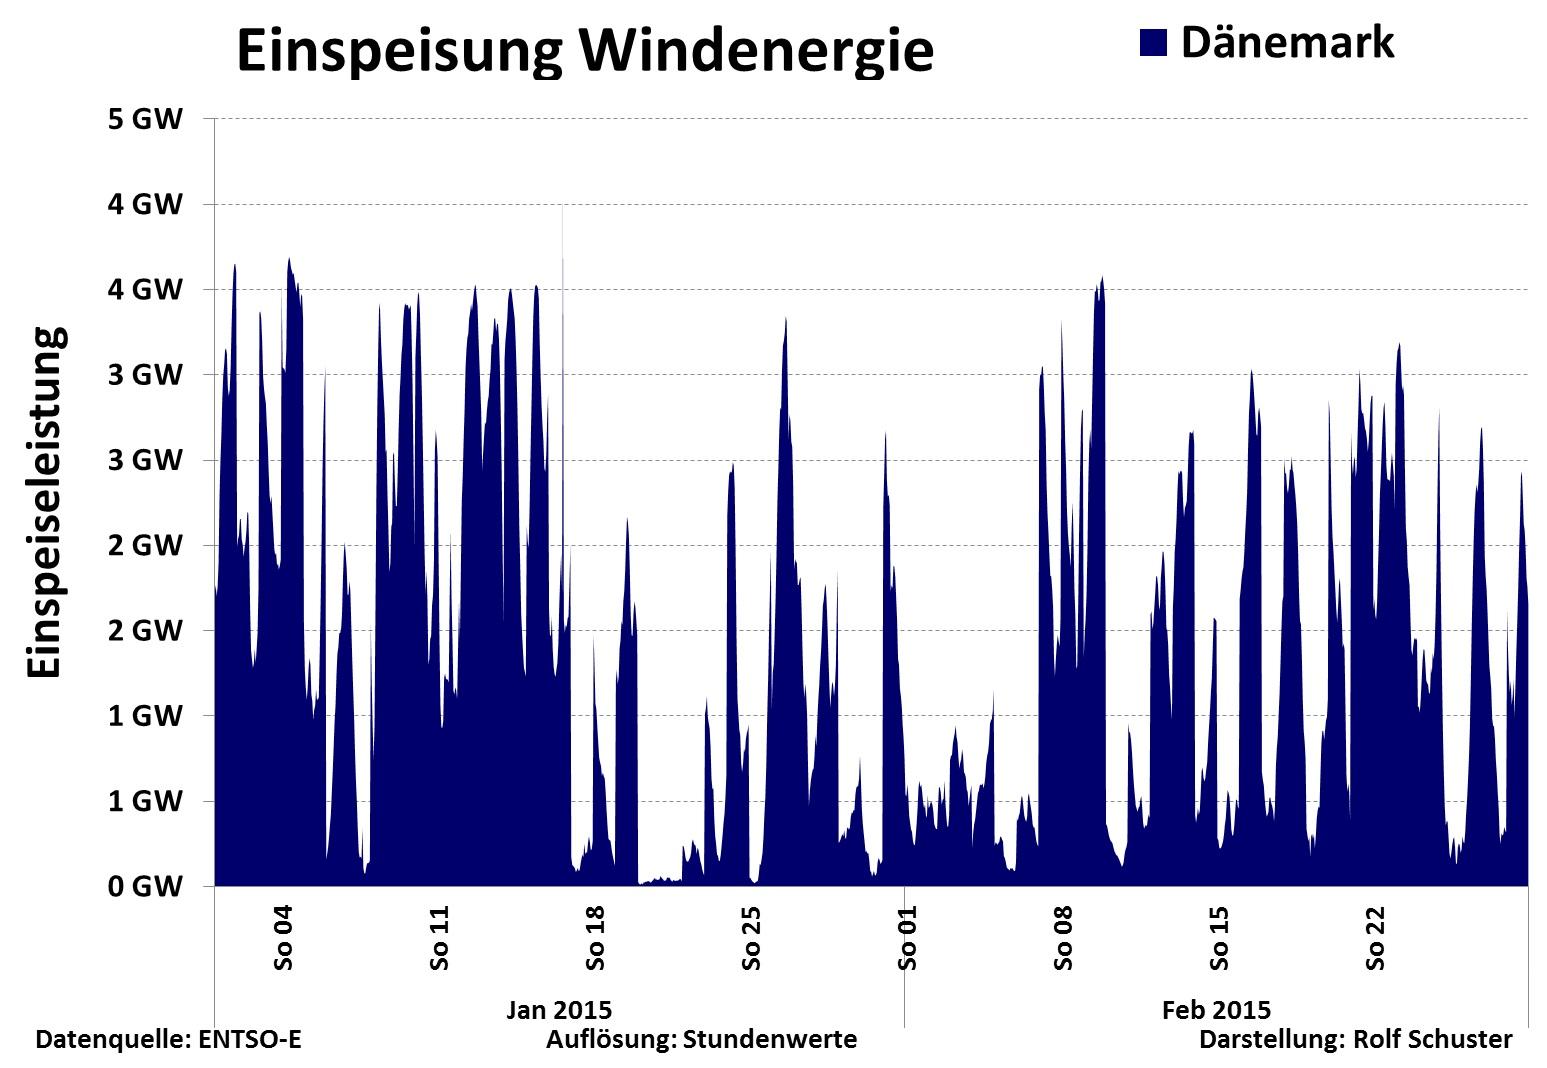 Einspeisung Wind Dänemark